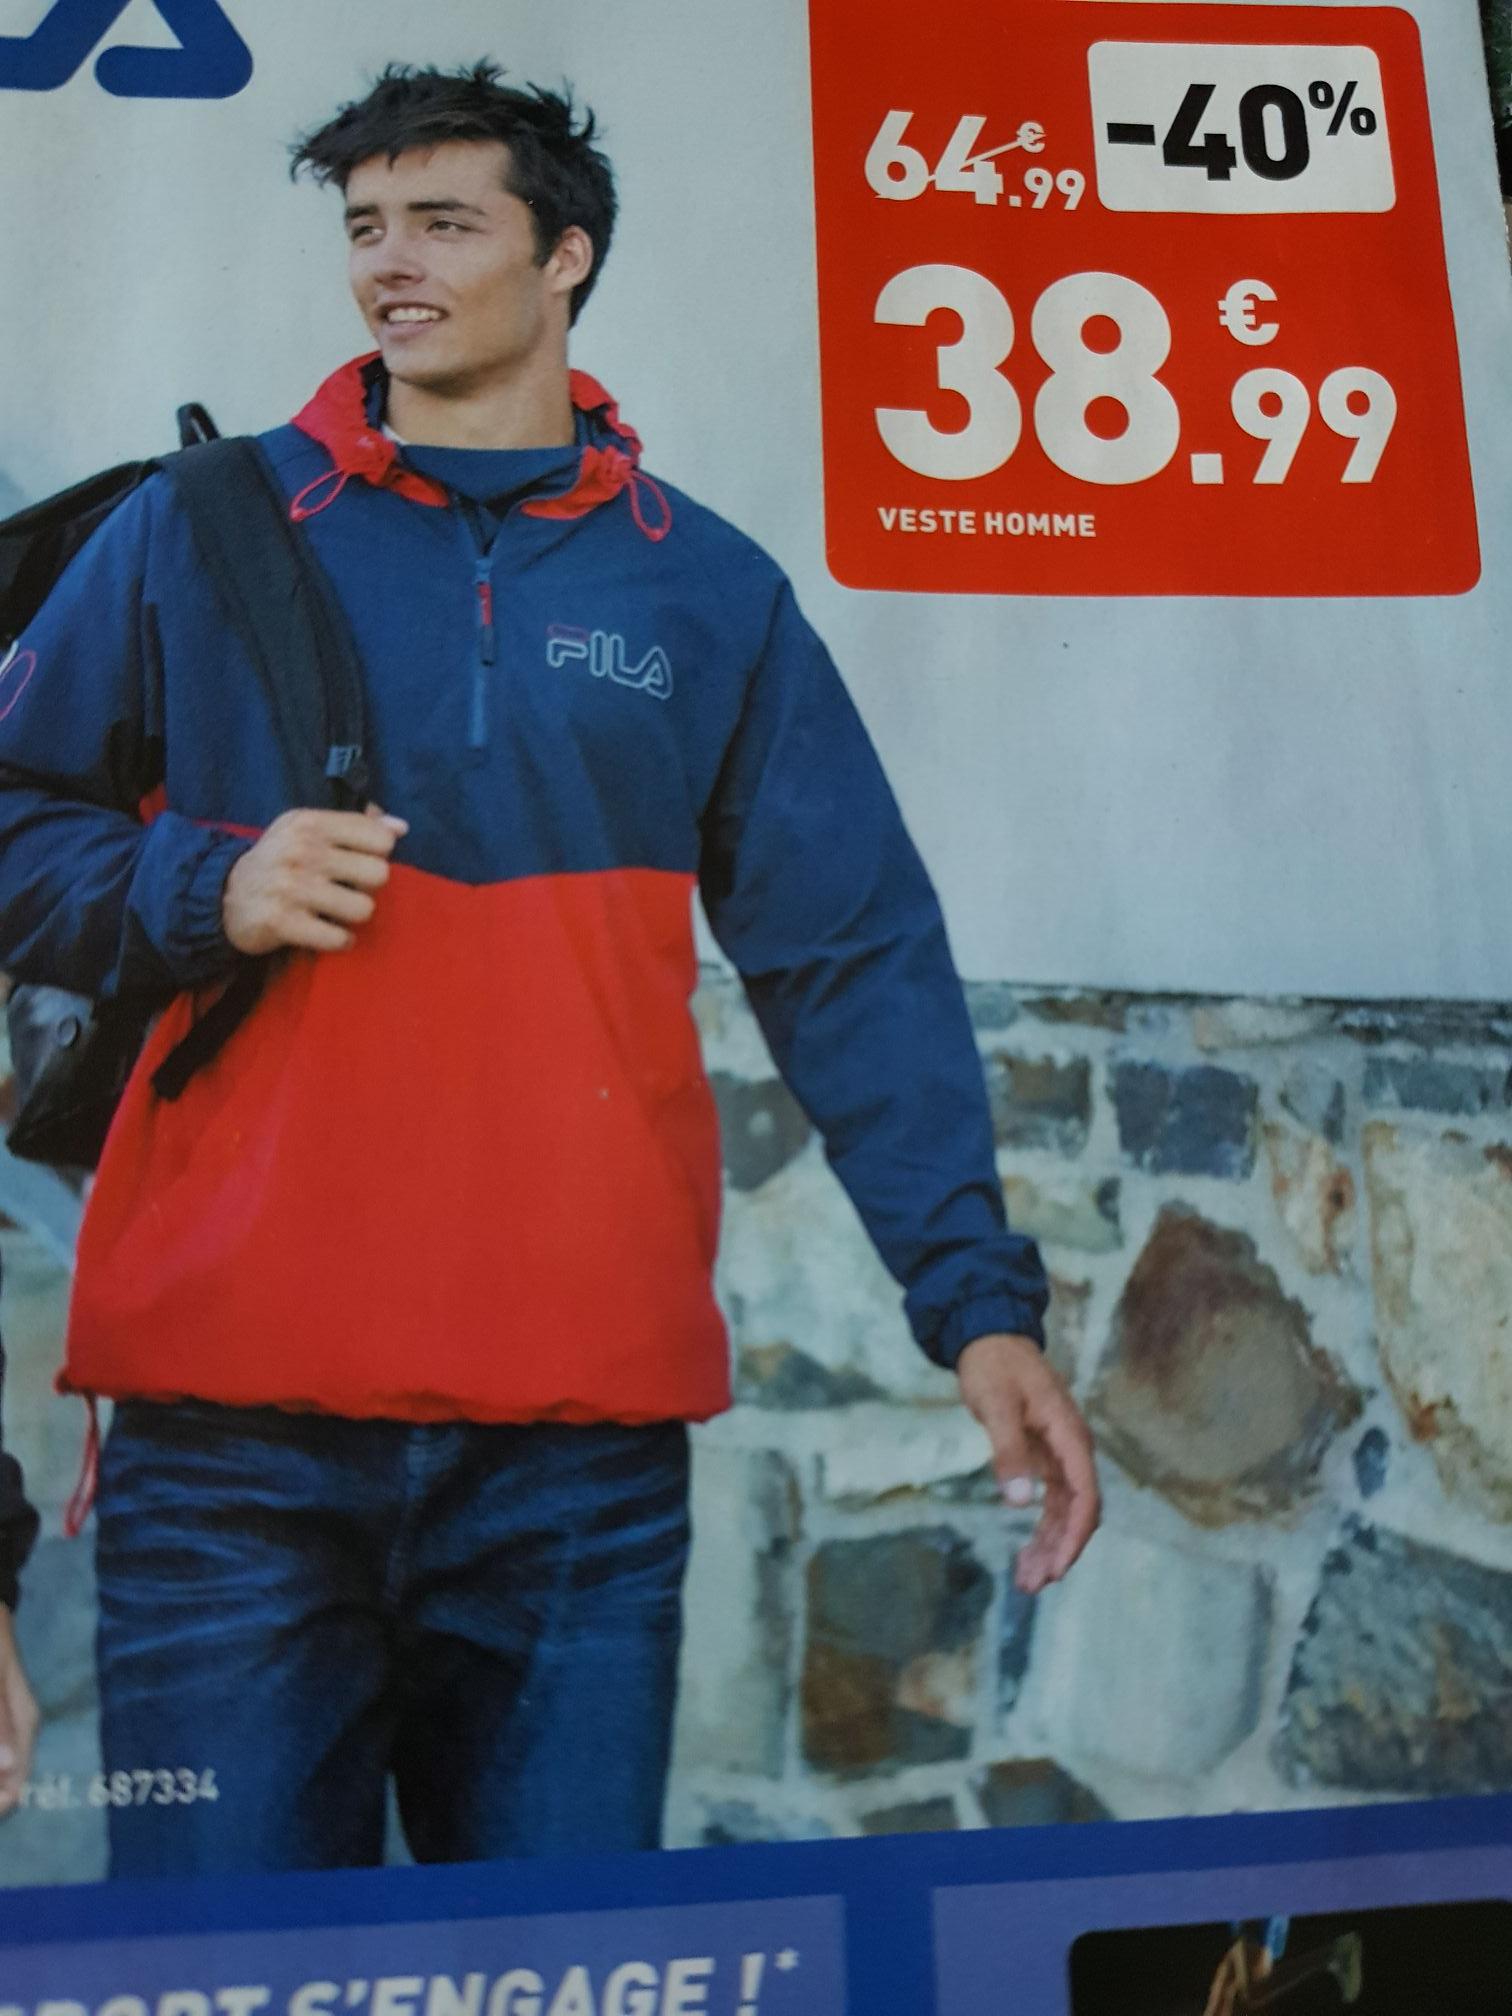 Sélection de produits en promotion - Ex : veste Fila (du XS au XL) - différents magasins